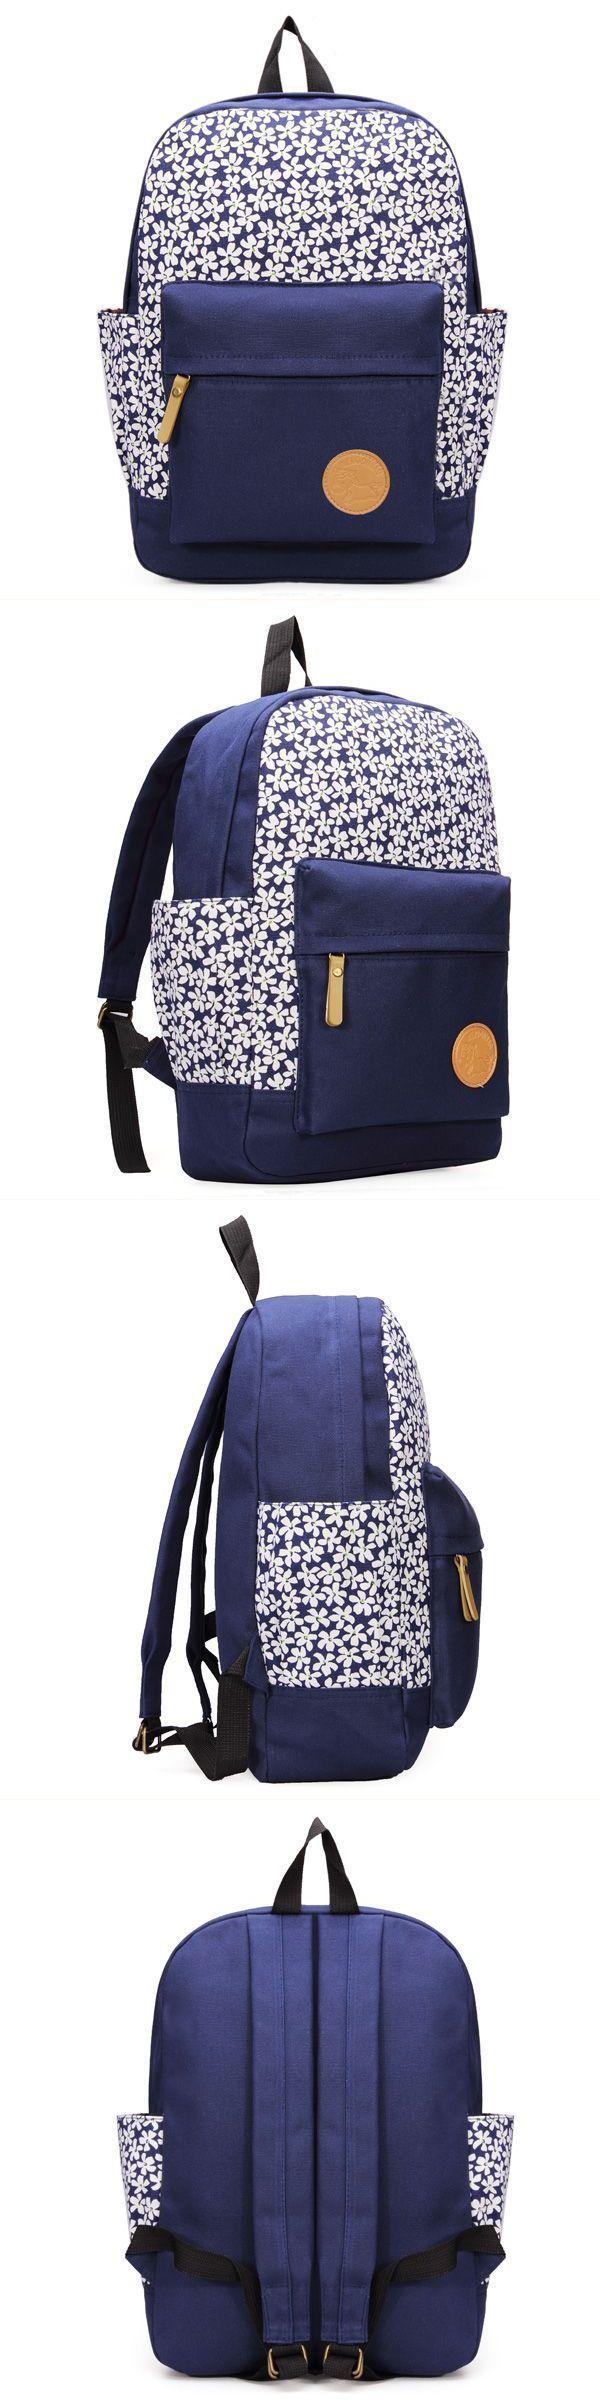 8217 S Canvas Travel Satchel School Rucksack Shoulder Bag Backpack H Brand